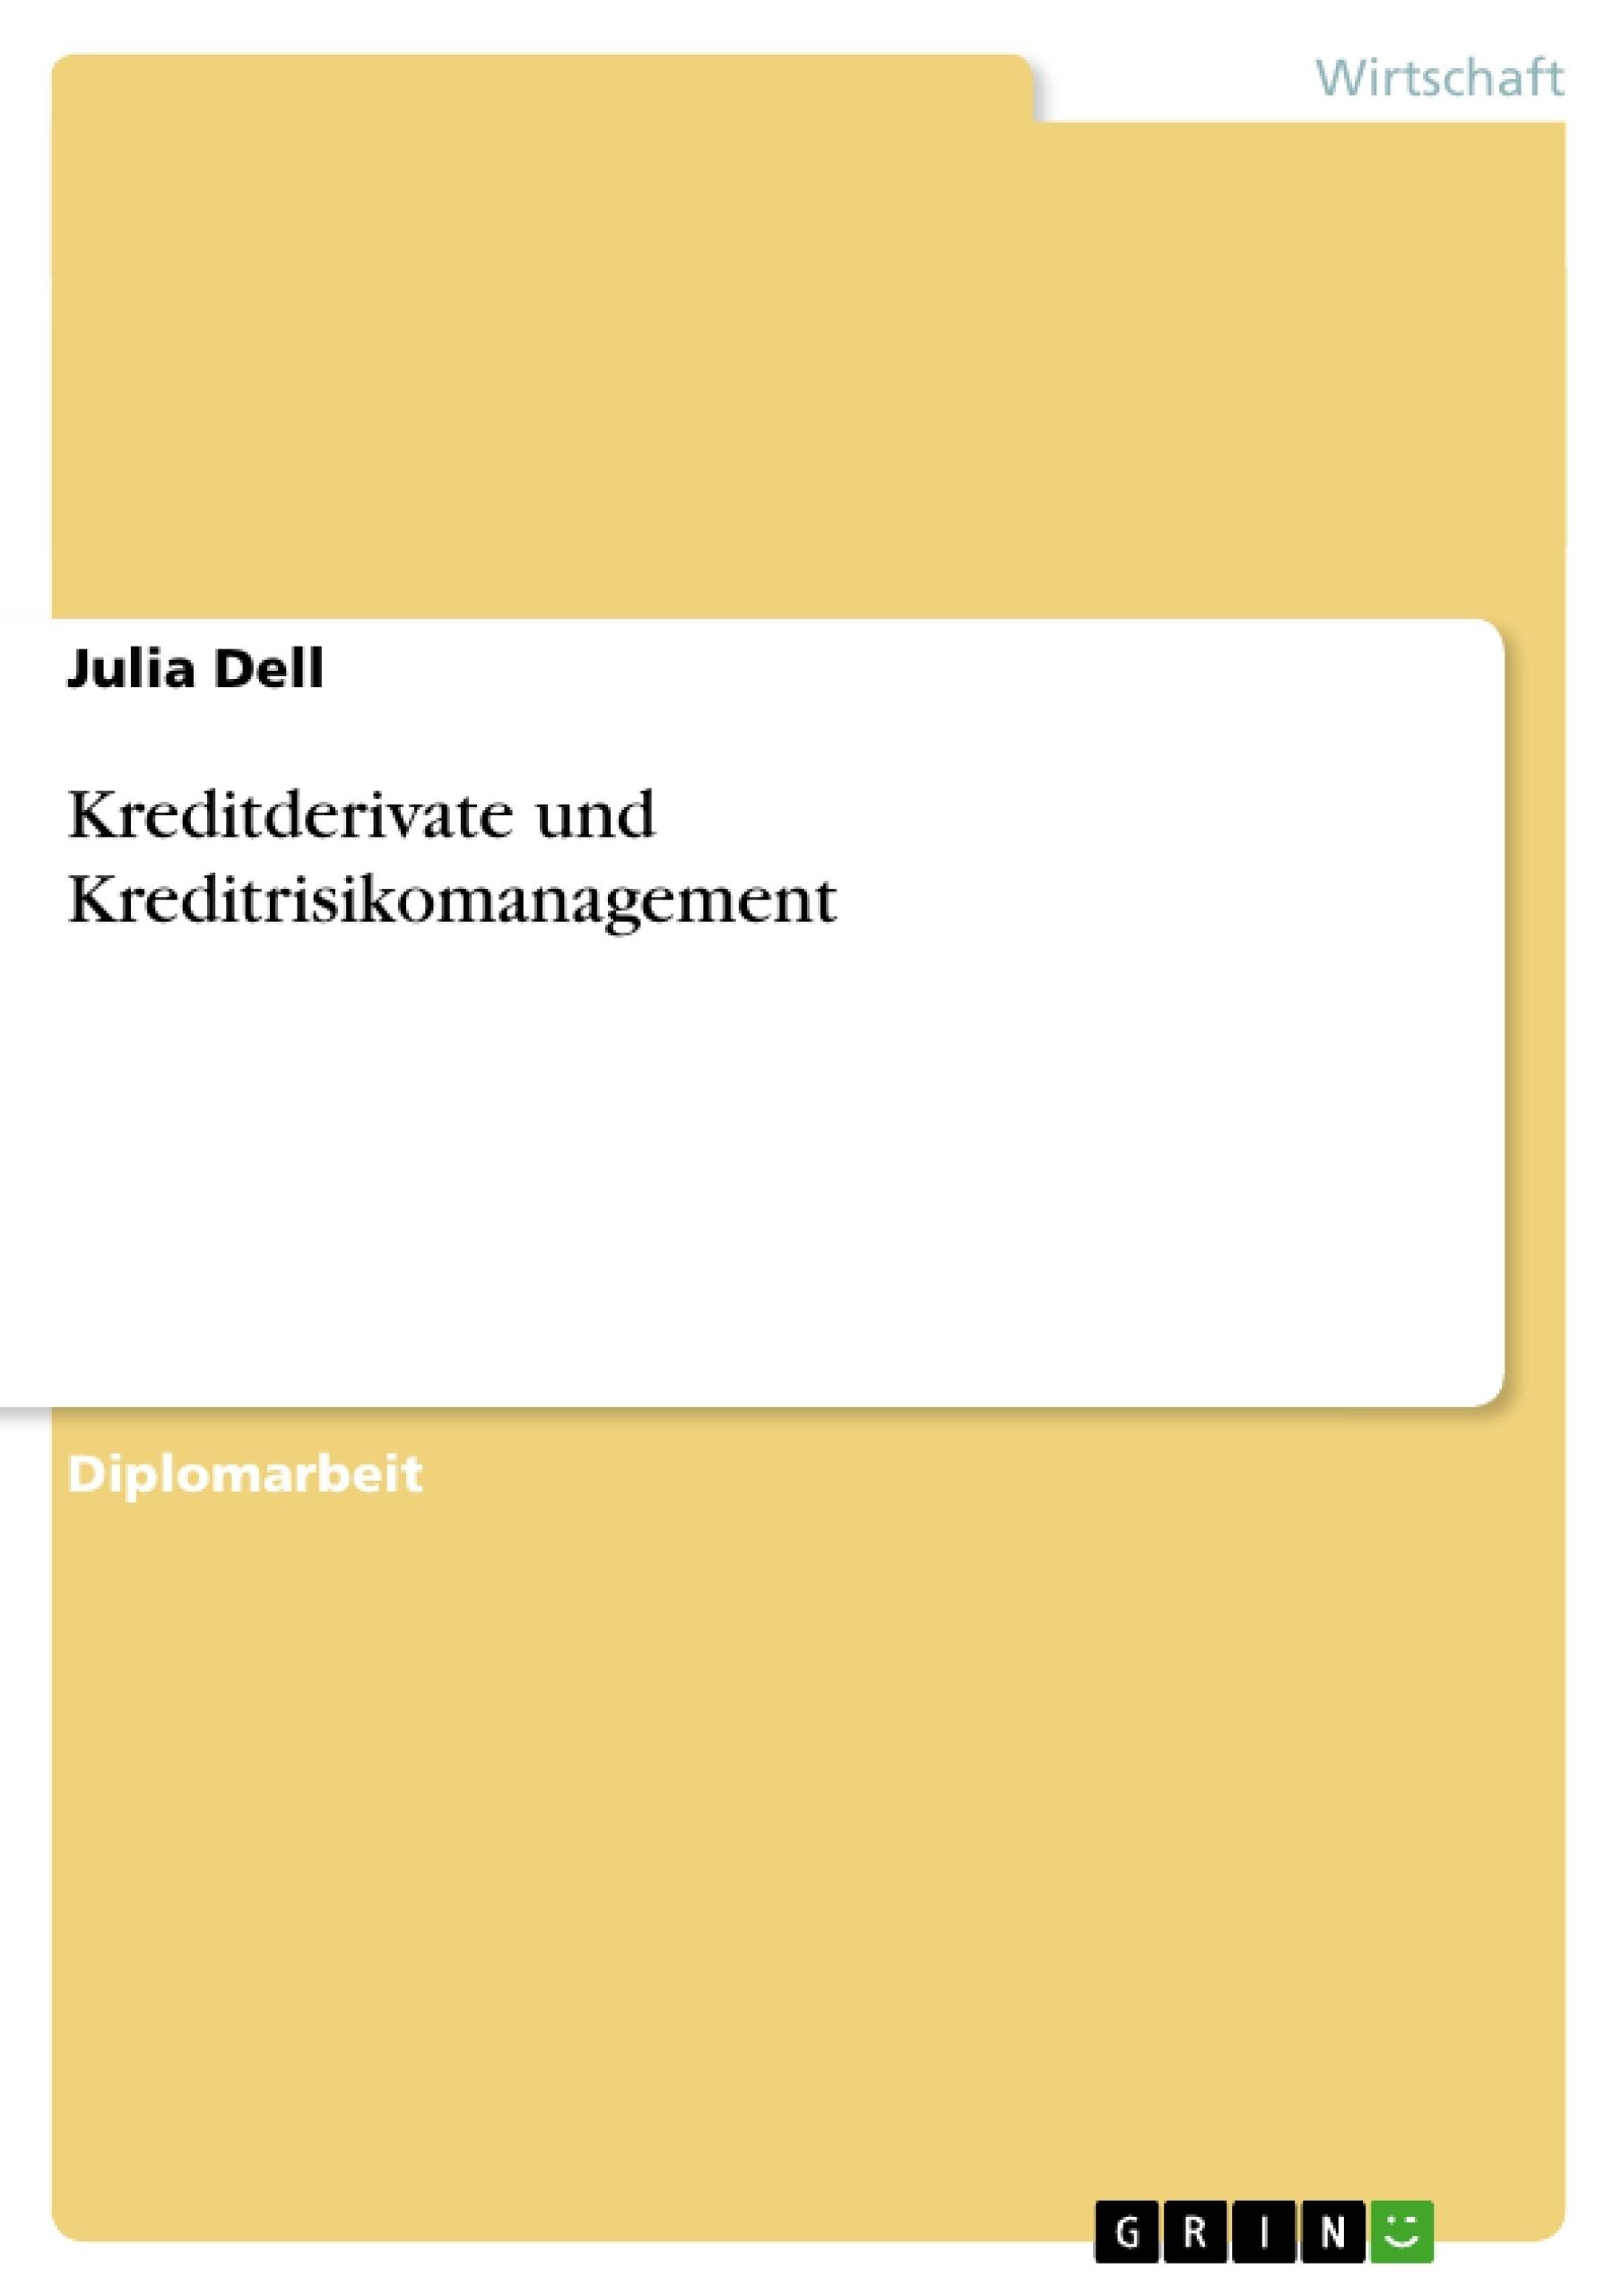 Titel: Kreditderivate und Kreditrisikomanagement